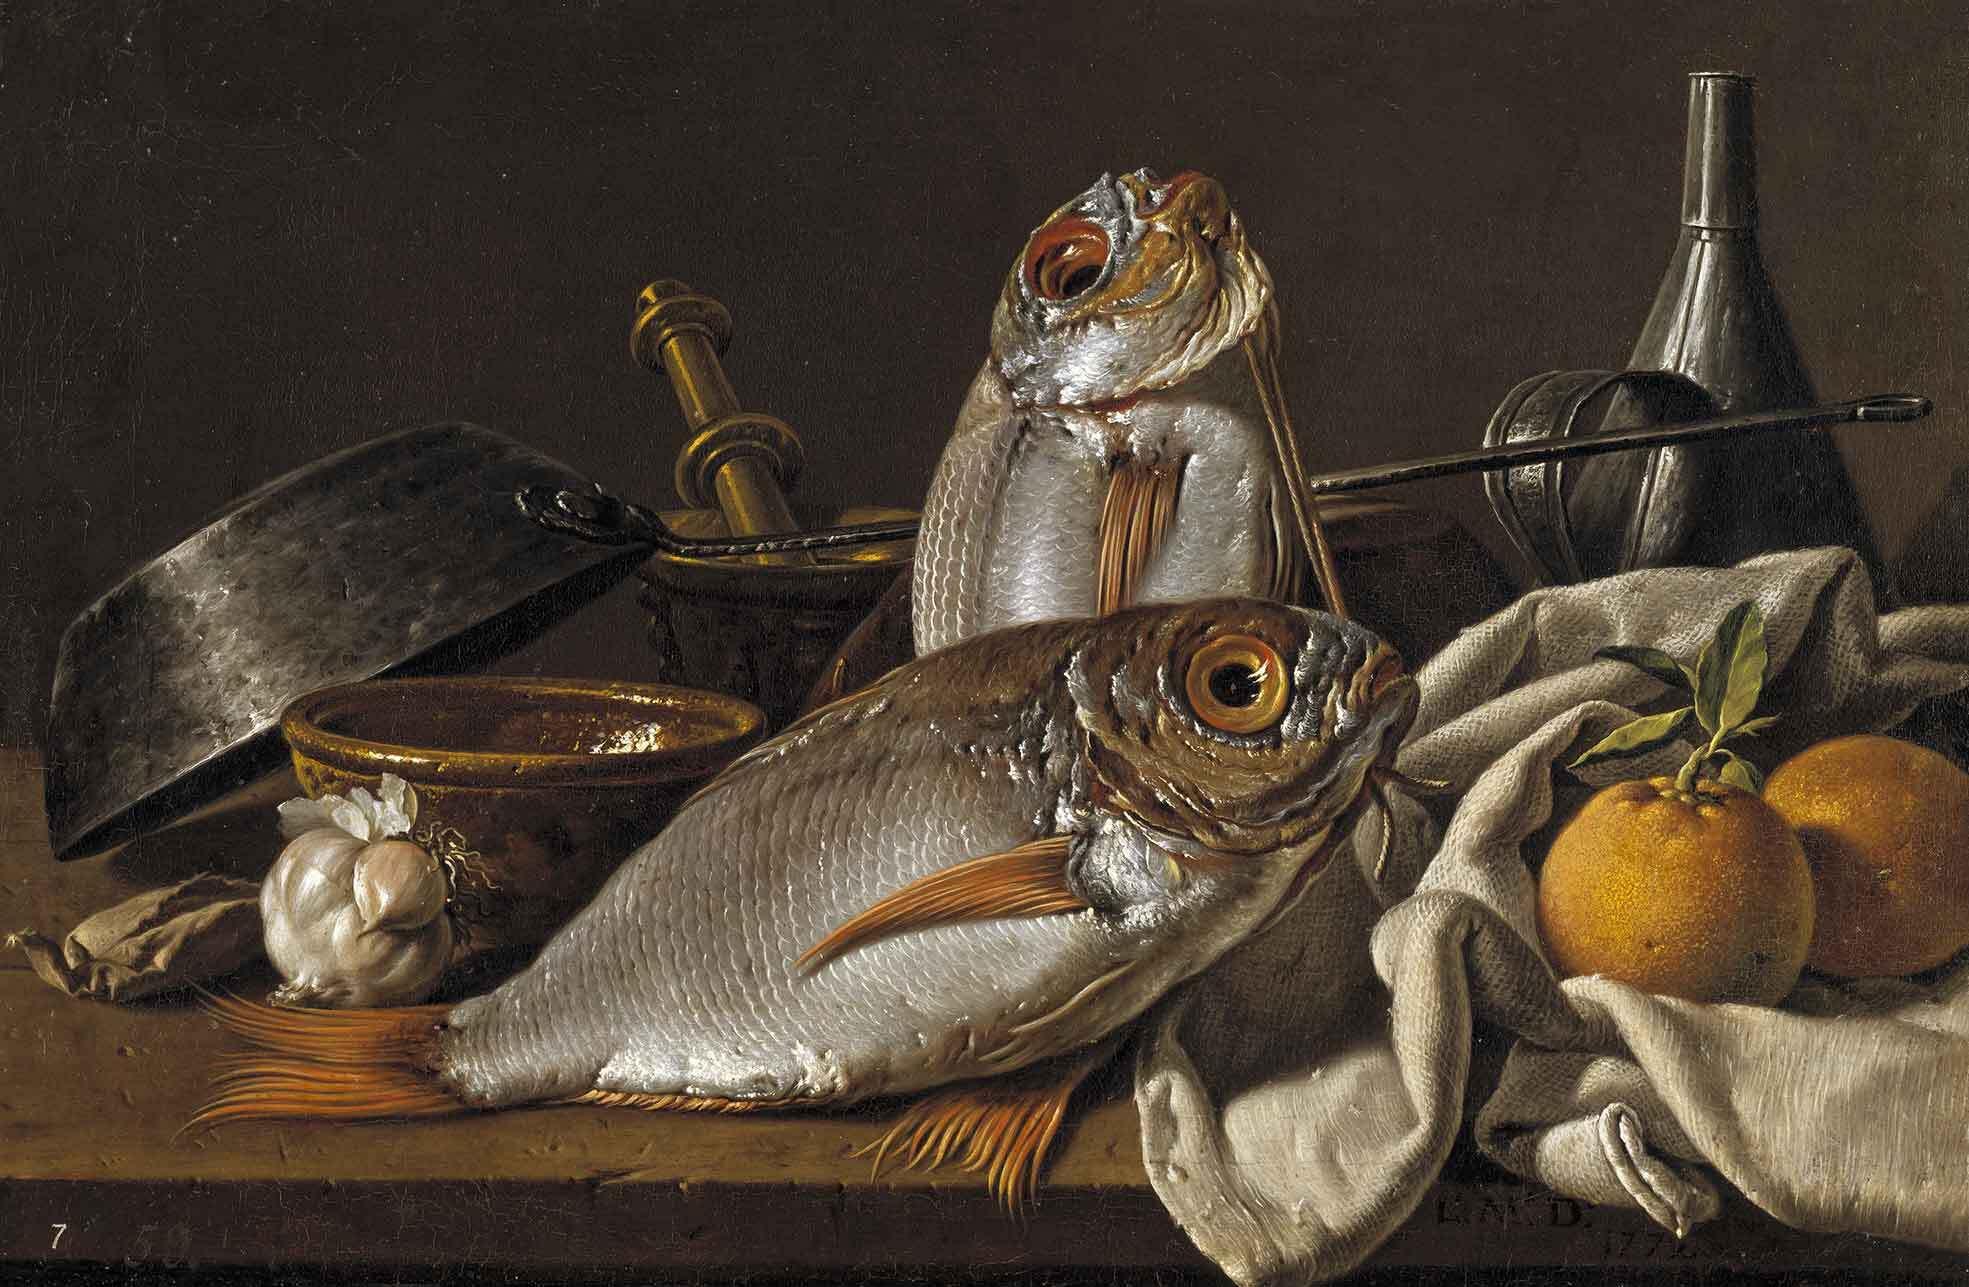 Bodegón con besugos, naranjas, ajo, condimentos y utensilios de cocina, de Luis Egidio Meléndez